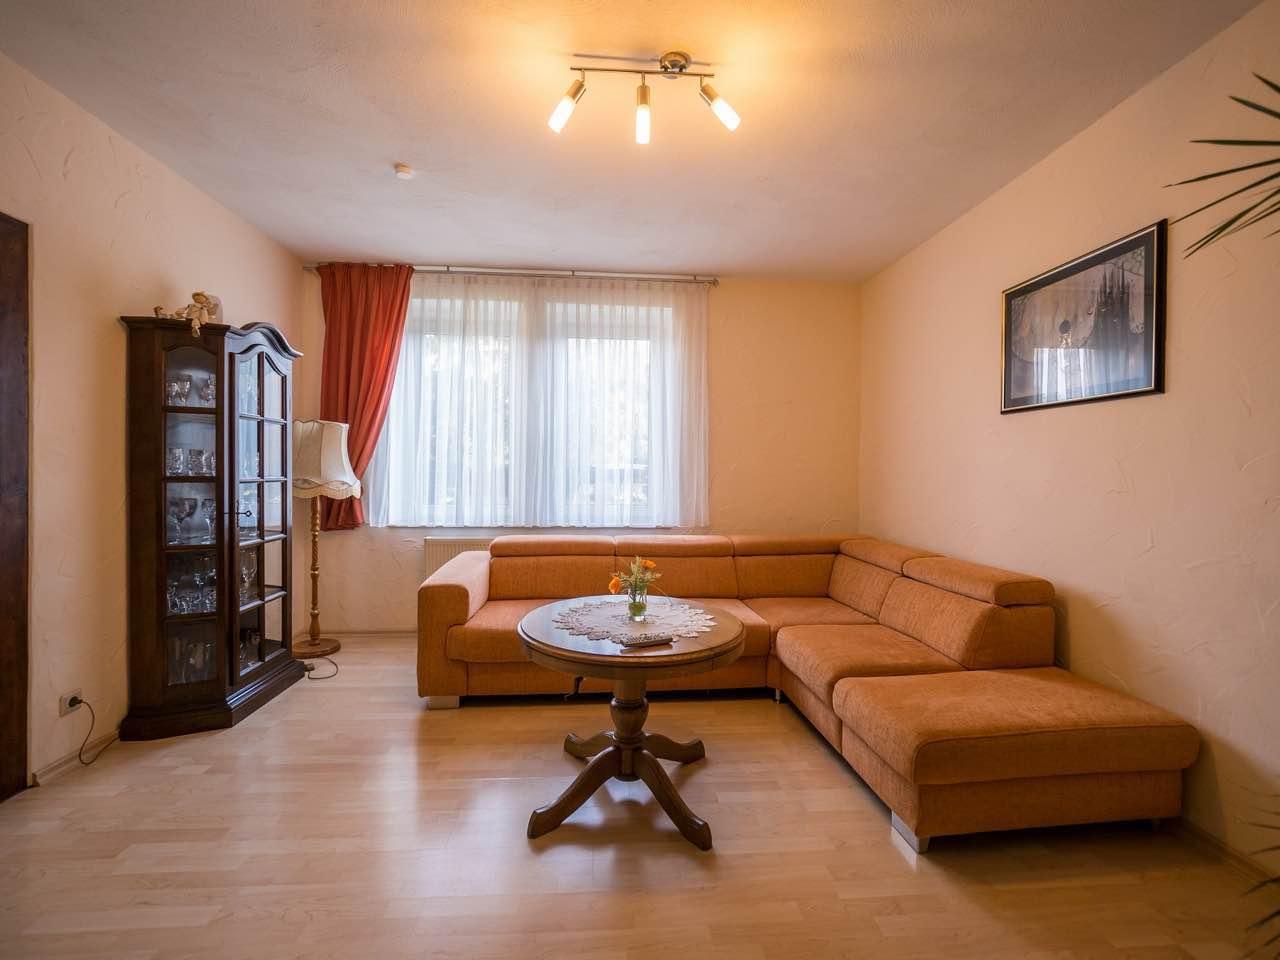 Ferienwohnung 1 (Wohnzimmer)